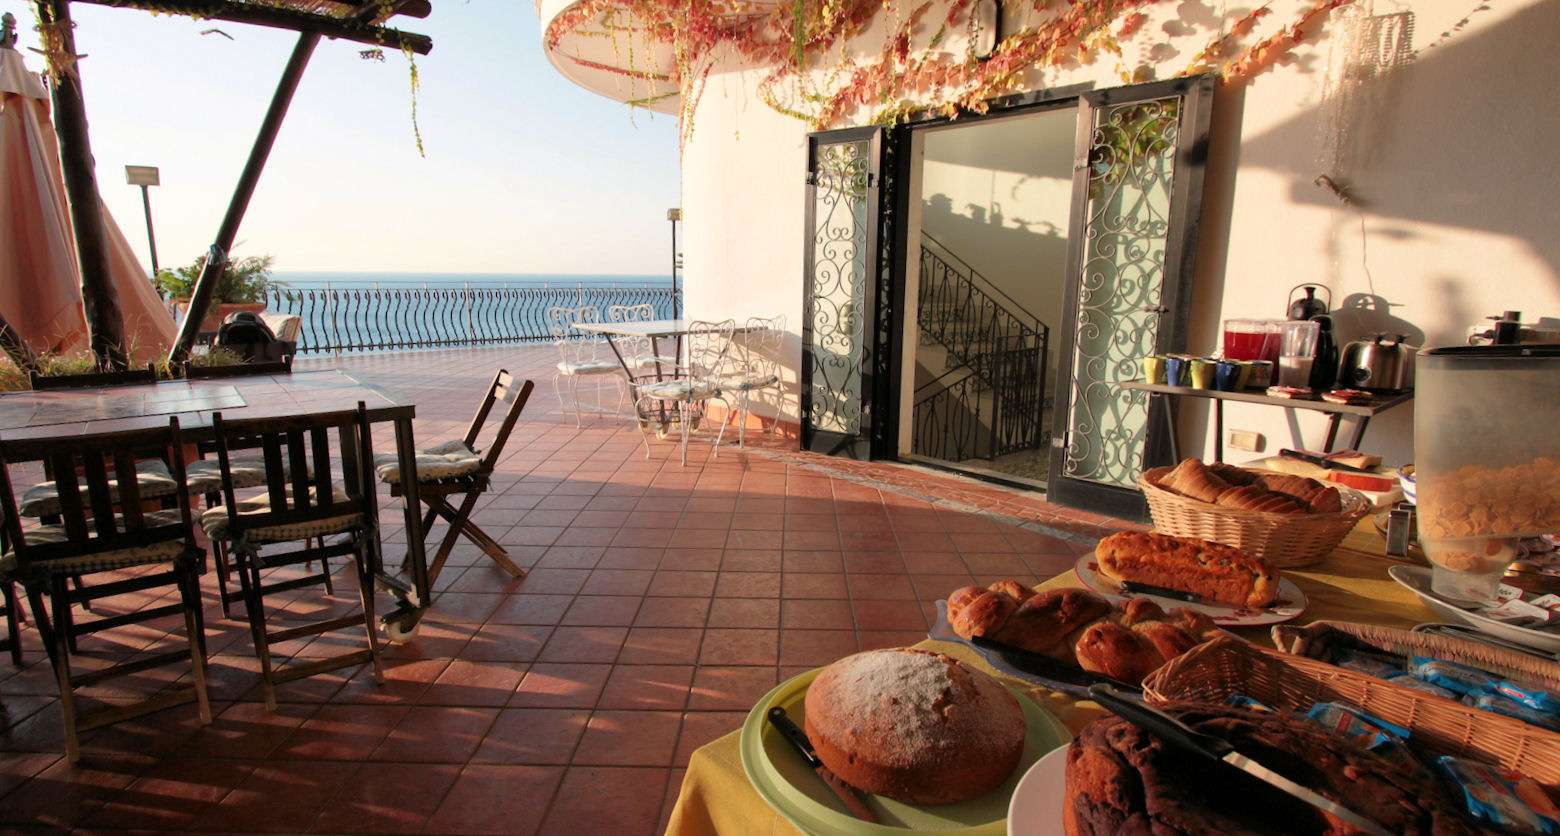 Breakfast on the communal terrace